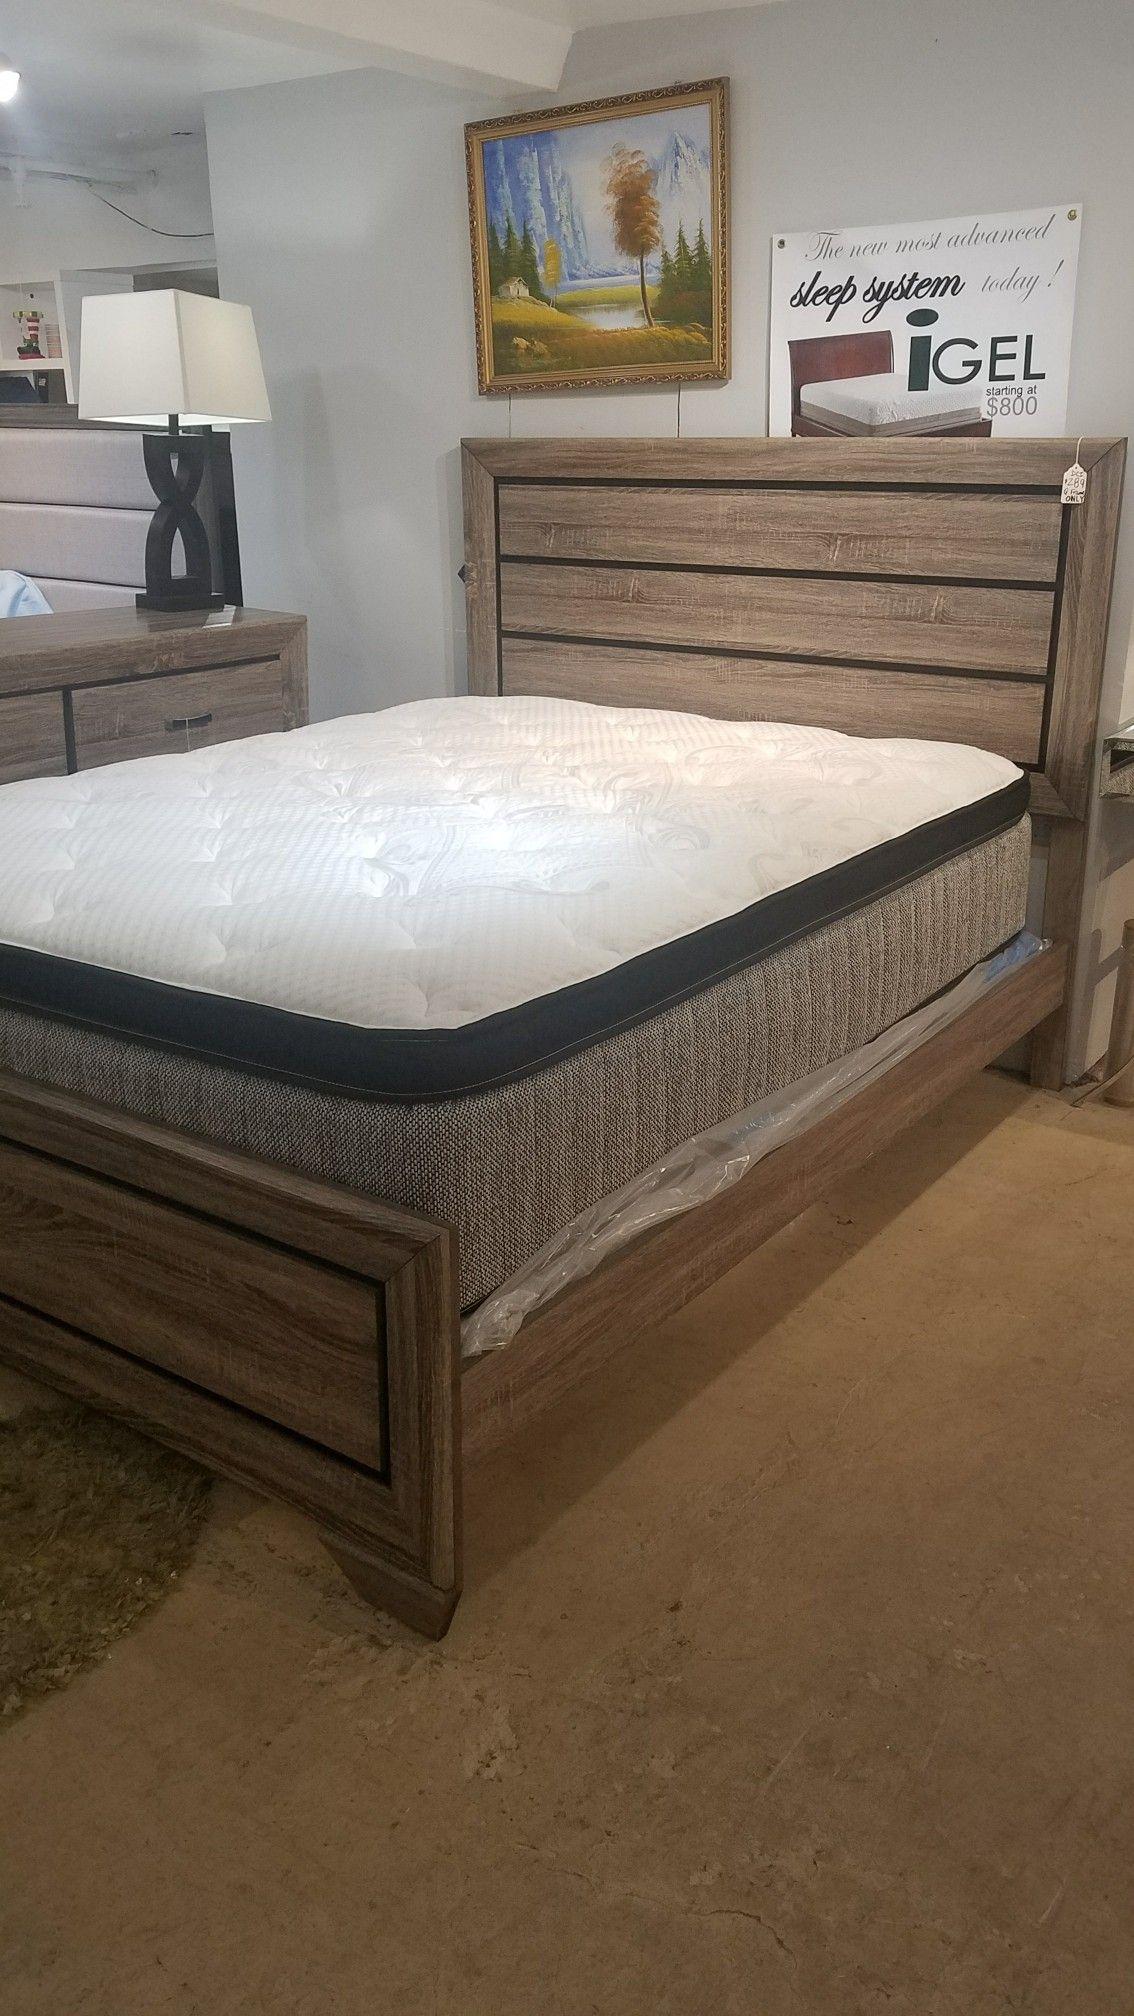 dci furniture beds on sale furniture pinterest bedroom rh pinterest com